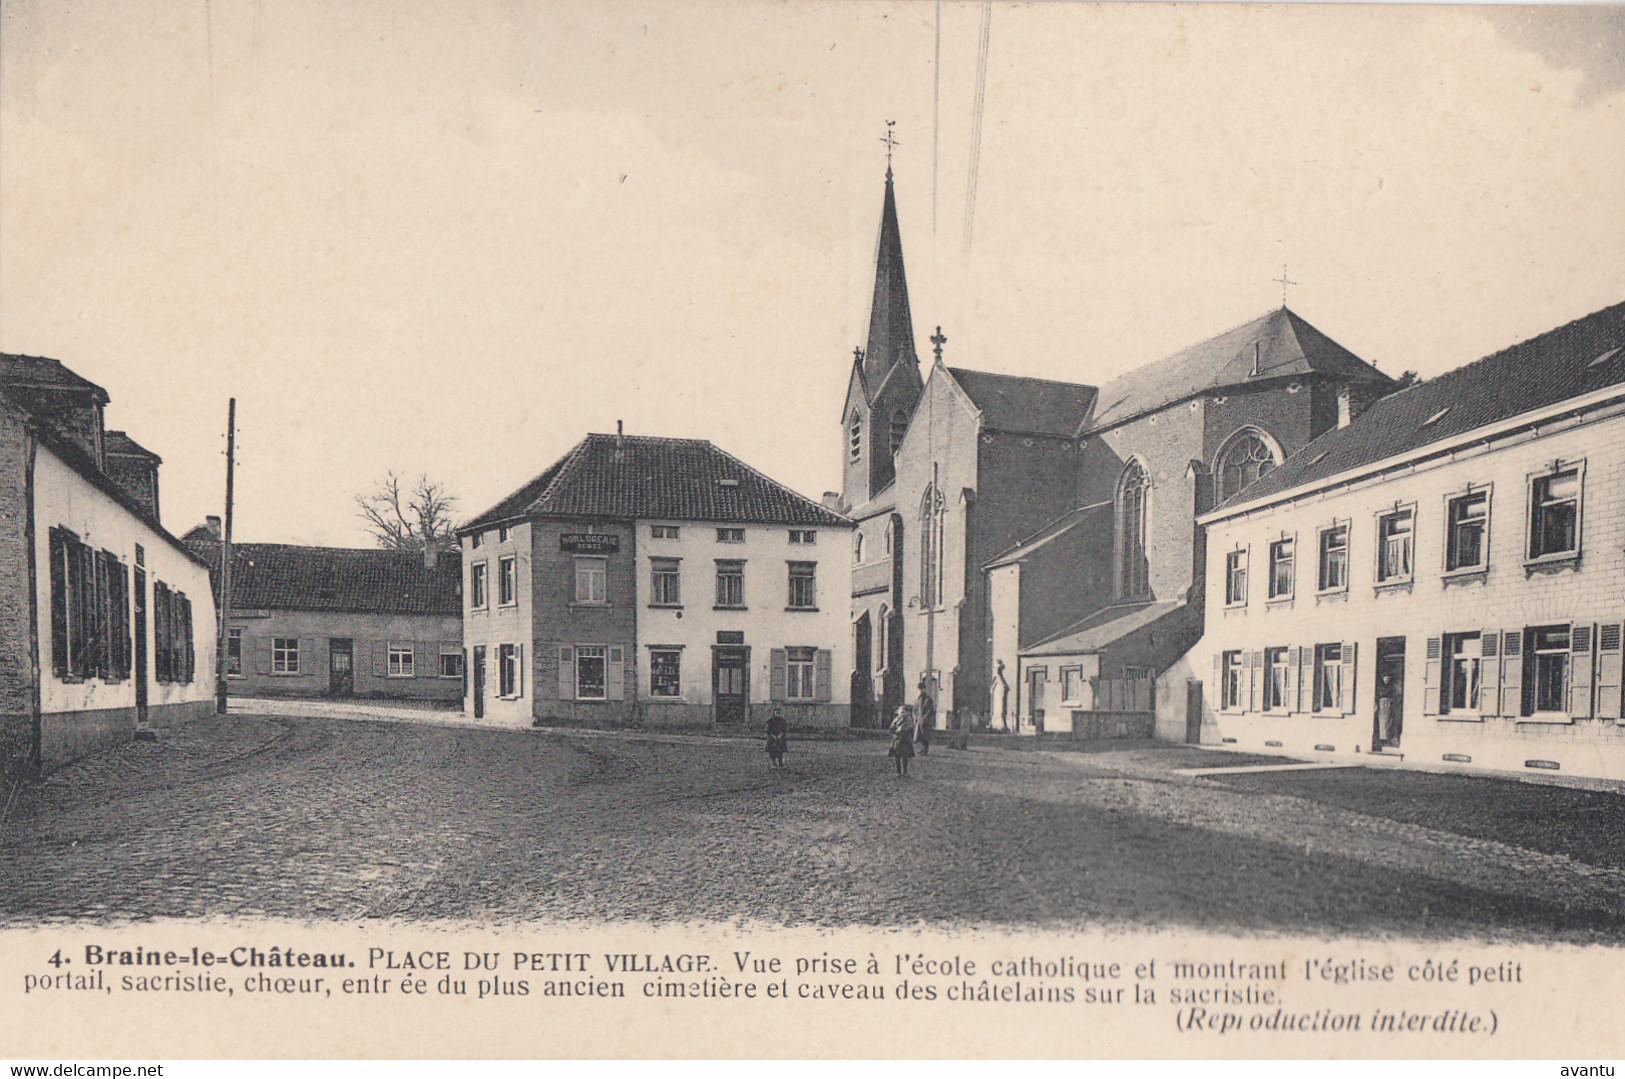 BRAINE LE CHATEAU / PLACE DU PETIT VILLAGE - Braine-le-Chateau